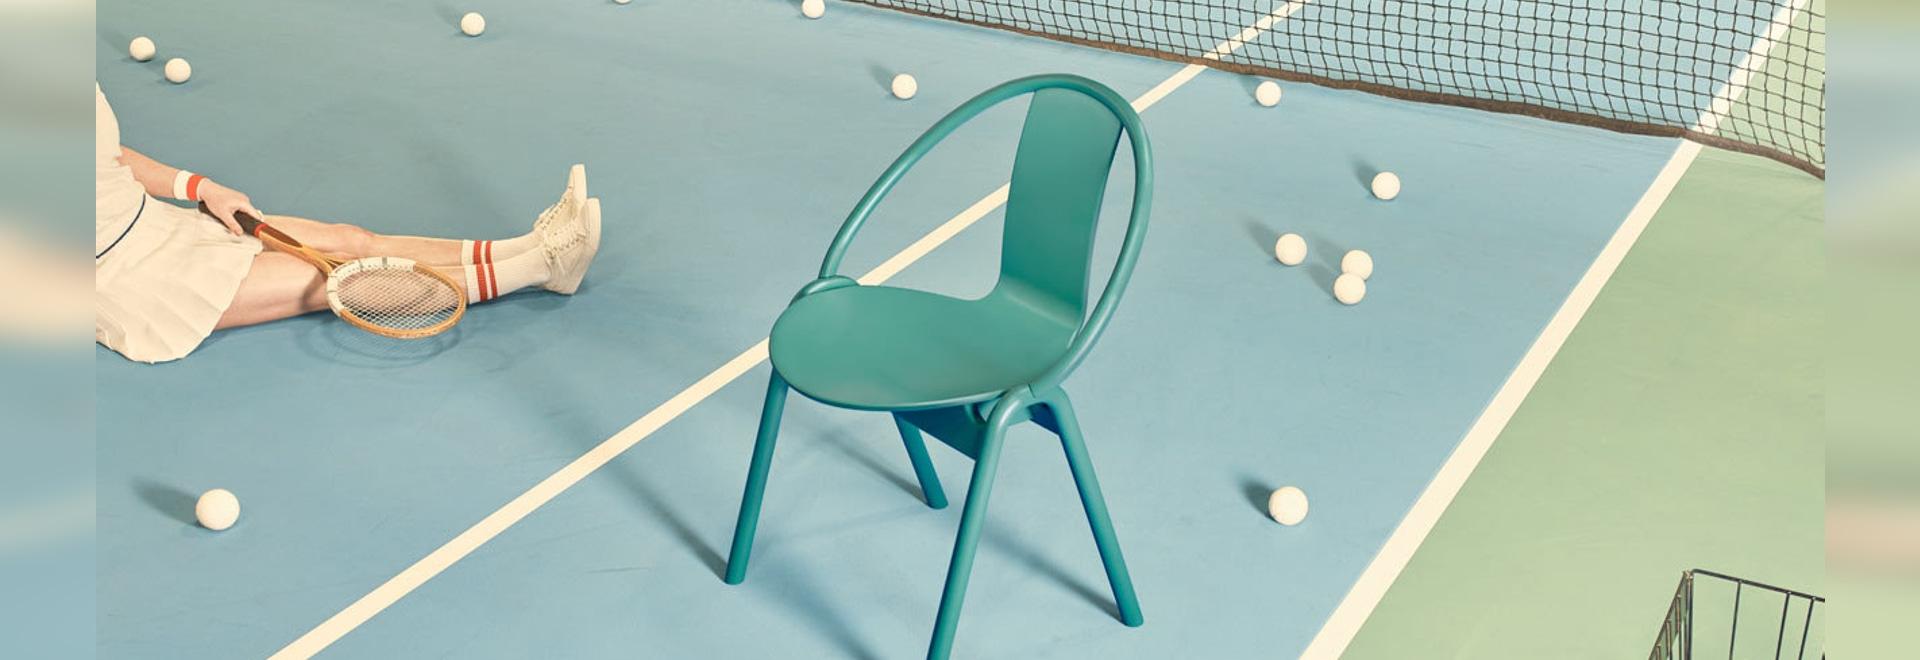 La colección de sillas Grand Slam de TON se lleva el premio